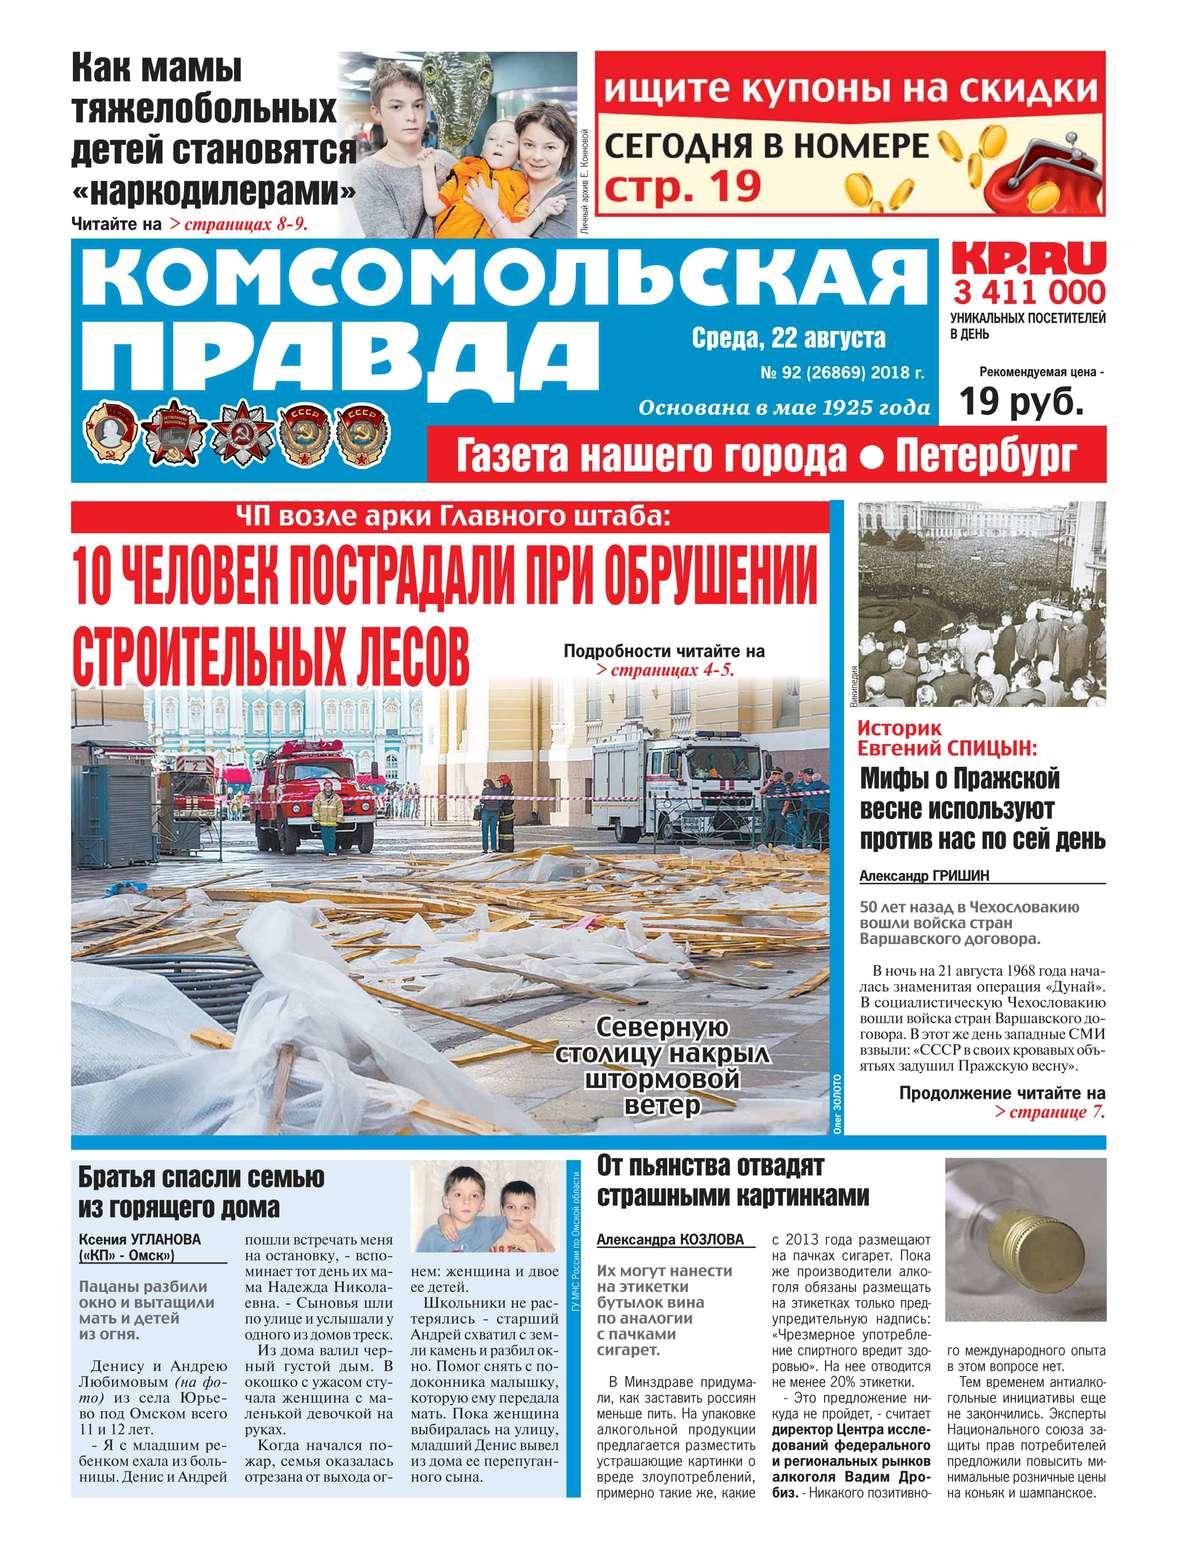 Редакция газеты Комсомольская Правда. - Комсомольская Правда. - 92-2018